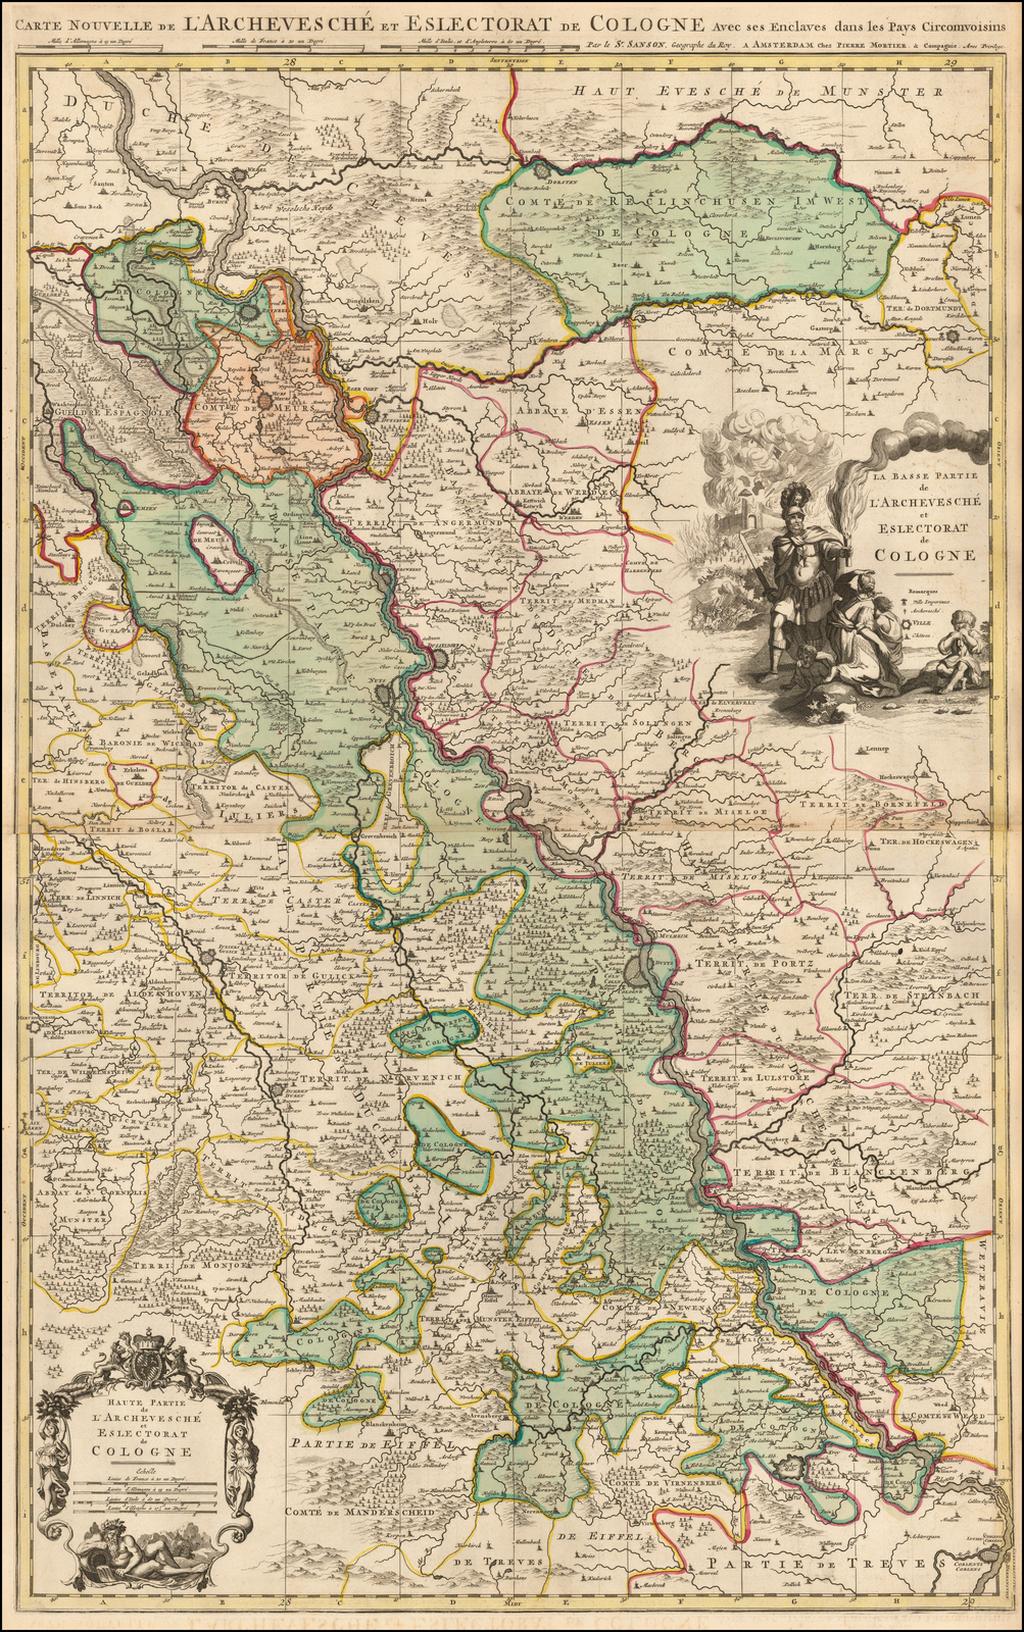 Carte Nouvelle de L'Archevesche et Eslectorat de Cologne avec ses Enclaves dans les Pays Circonvoisins By Pieter Mortier